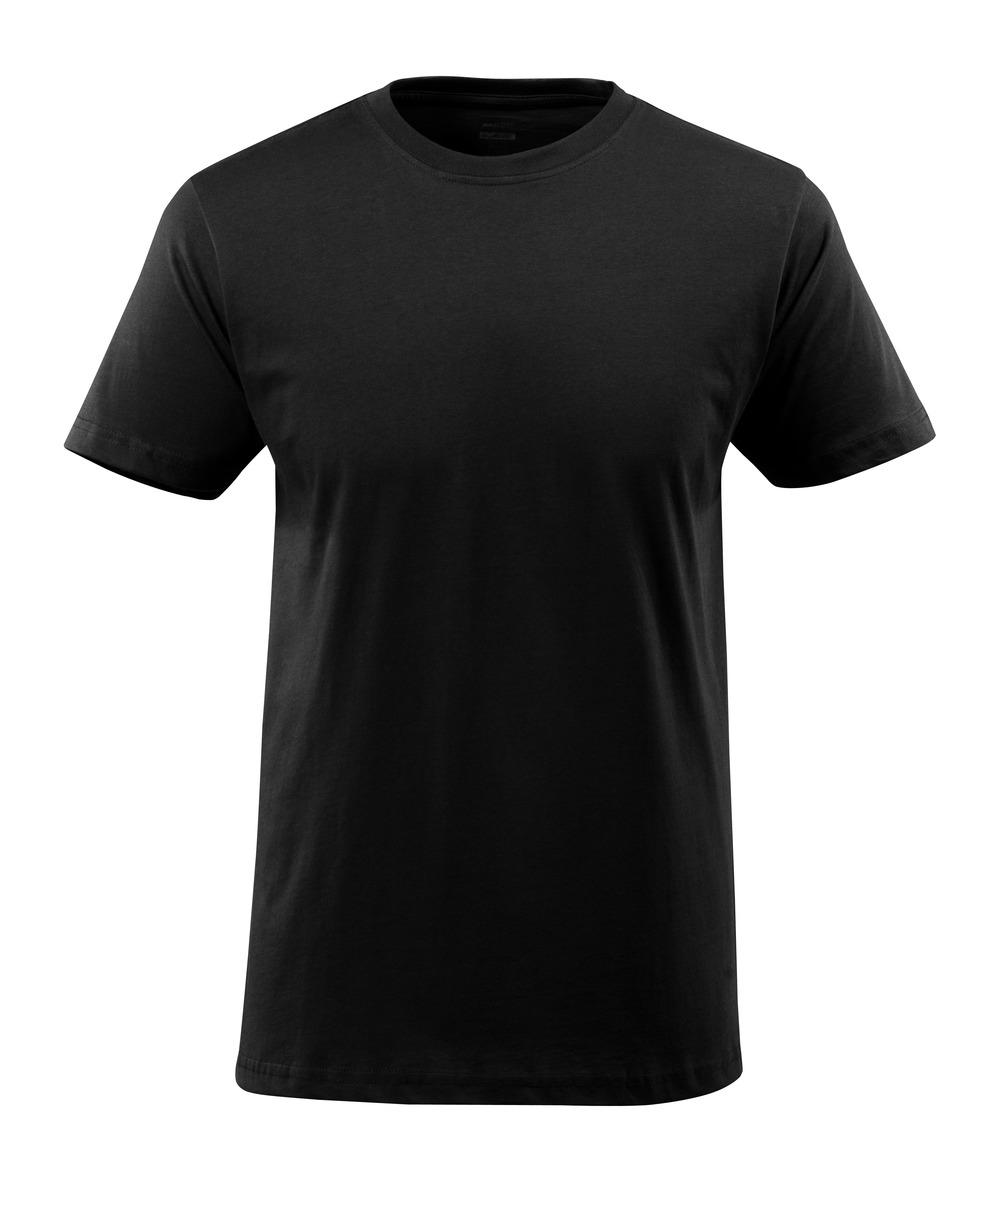 51579-965-90 T-shirt - Diepzwart